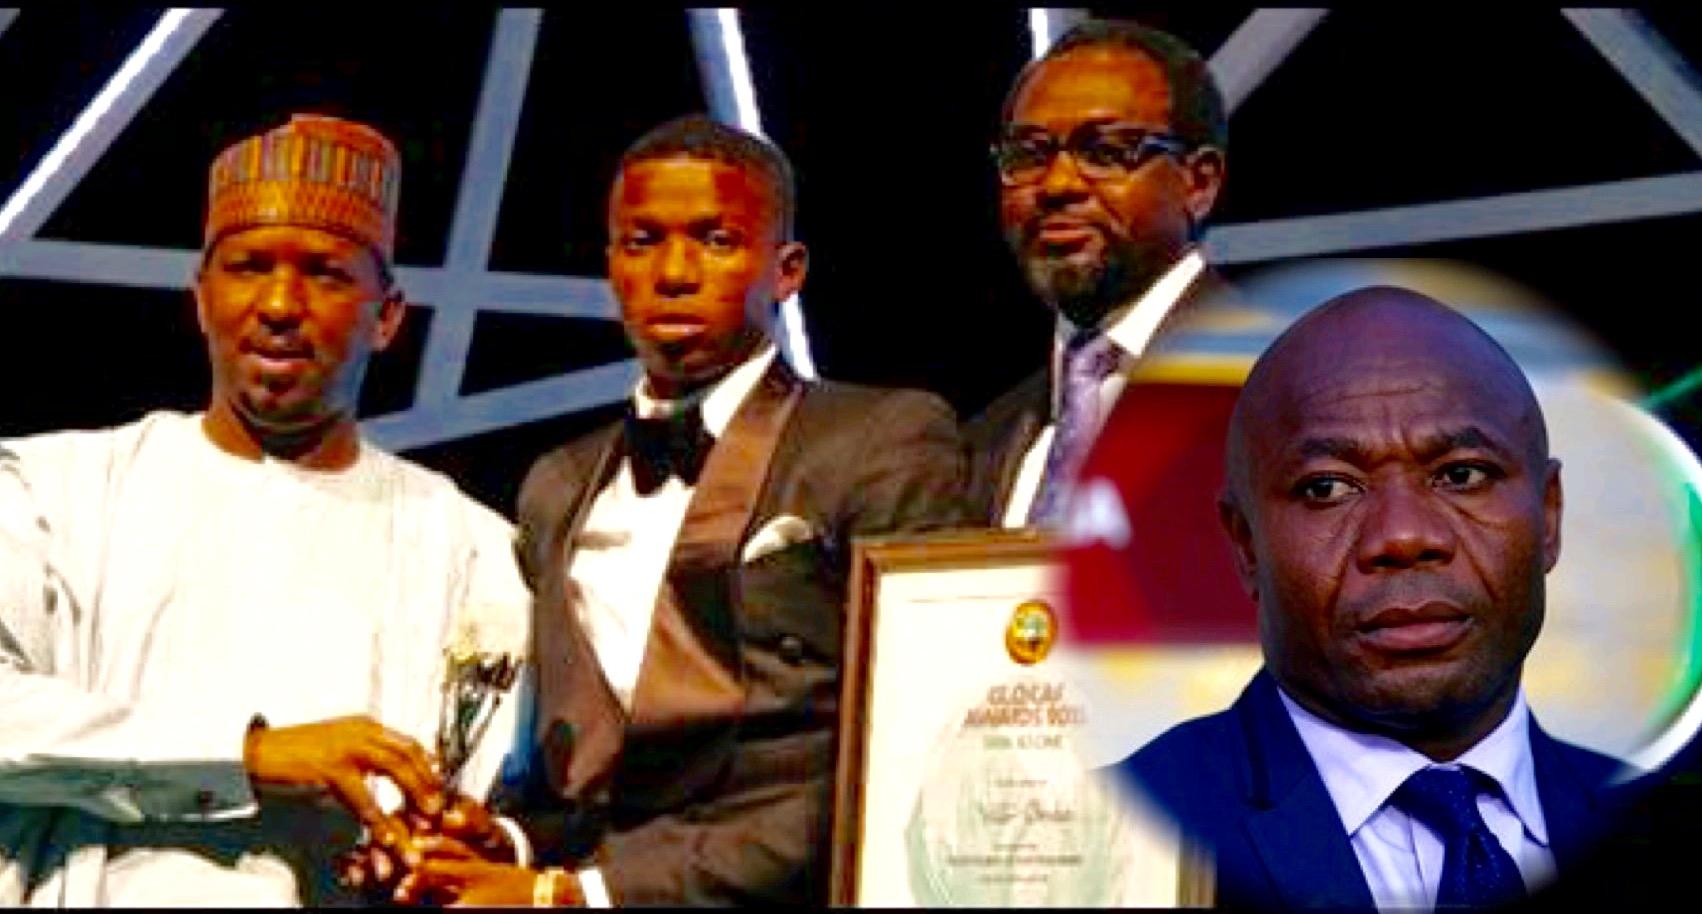 Amuneke Plays Down CAF Award Snub, Hails Osimhen's Win